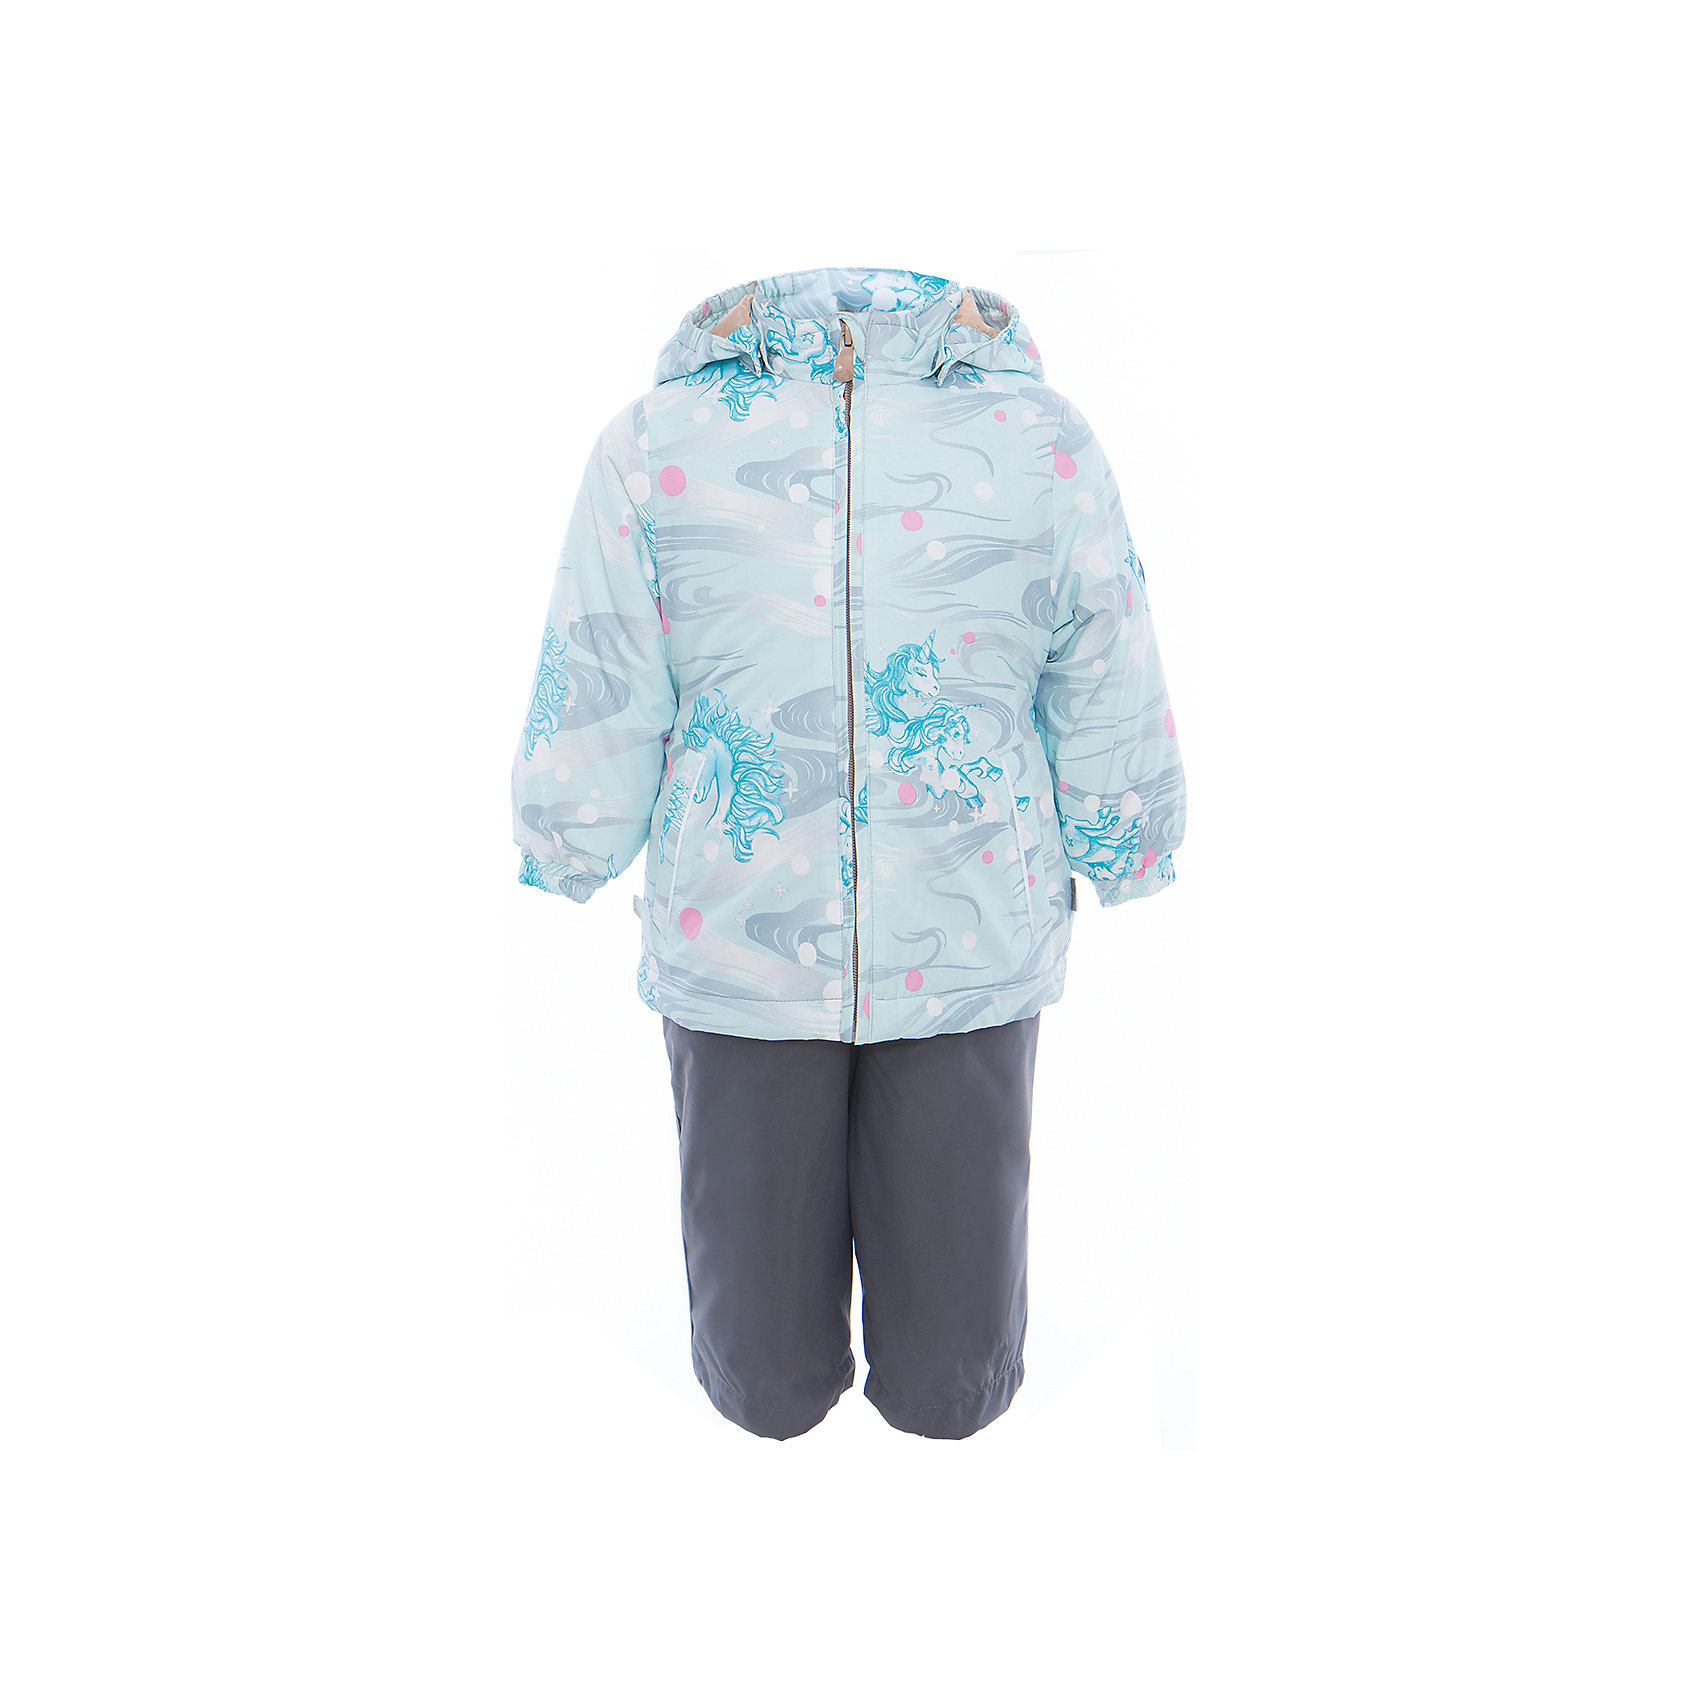 Комплект: куртка и полукомбинезон для девочки YONNE HuppaКомплекты<br>Характеристики товара:<br><br>• цвет: аква принт/серый<br>• комплектация: куртка и полукомбинезон <br>• ткань: 100% полиэстер<br>• подкладка: тафта - 100% полиэстер<br>• утеплитель: куртка и полукомбинезон - 100% полиэстер 100 г.<br>• температурный режим: от -5°С до +10°С<br>• водонепроницаемость: верх - 5000 мм, низ - 10000 мм<br>• воздухопроницаемость: верх - 5000 мм, низ - 10000 мм<br>• светоотражающие детали<br>• шов сидения проклеен<br>• съёмный капюшон с резинкой<br>• защита подбородка от молнии<br>• эластичные манжеты на рукавах<br>• регулируемый низ брючин<br>• эластичный шнур с фиксатором внизу брючин<br>• без внутренних швов<br>• резиновые подтяжки<br>• коллекция: весна-лето 2017<br>• страна бренда: Эстония<br><br>Такой модный демисезонный комплект  обеспечит детям тепло и комфорт. Он сделан из материала, отталкивающего воду, и дополнен подкладкой с утеплителем, поэтому изделие идеально подходит для межсезонья. Материал изделий - с мембранной технологией: защищая от влаги и ветра, он легко выводит лишнюю влагу наружу. Комплект очень симпатично смотрится. <br><br>Одежда и обувь от популярного эстонского бренда Huppa - отличный вариант одеть ребенка можно и комфортно. Вещи, выпускаемые компанией, качественные, продуманные и очень удобные. Для производства изделий используются только безопасные для детей материалы. Продукция от Huppa порадует и детей, и их родителей!<br><br>Комплект: куртка и полукомбинезон YONNE от бренда Huppa (Хуппа) можно купить в нашем интернет-магазине.<br><br>Ширина мм: 356<br>Глубина мм: 10<br>Высота мм: 245<br>Вес г: 519<br>Цвет: зеленый<br>Возраст от месяцев: 12<br>Возраст до месяцев: 15<br>Пол: Женский<br>Возраст: Детский<br>Размер: 80,122,86,92,98,104,110,116<br>SKU: 5346654